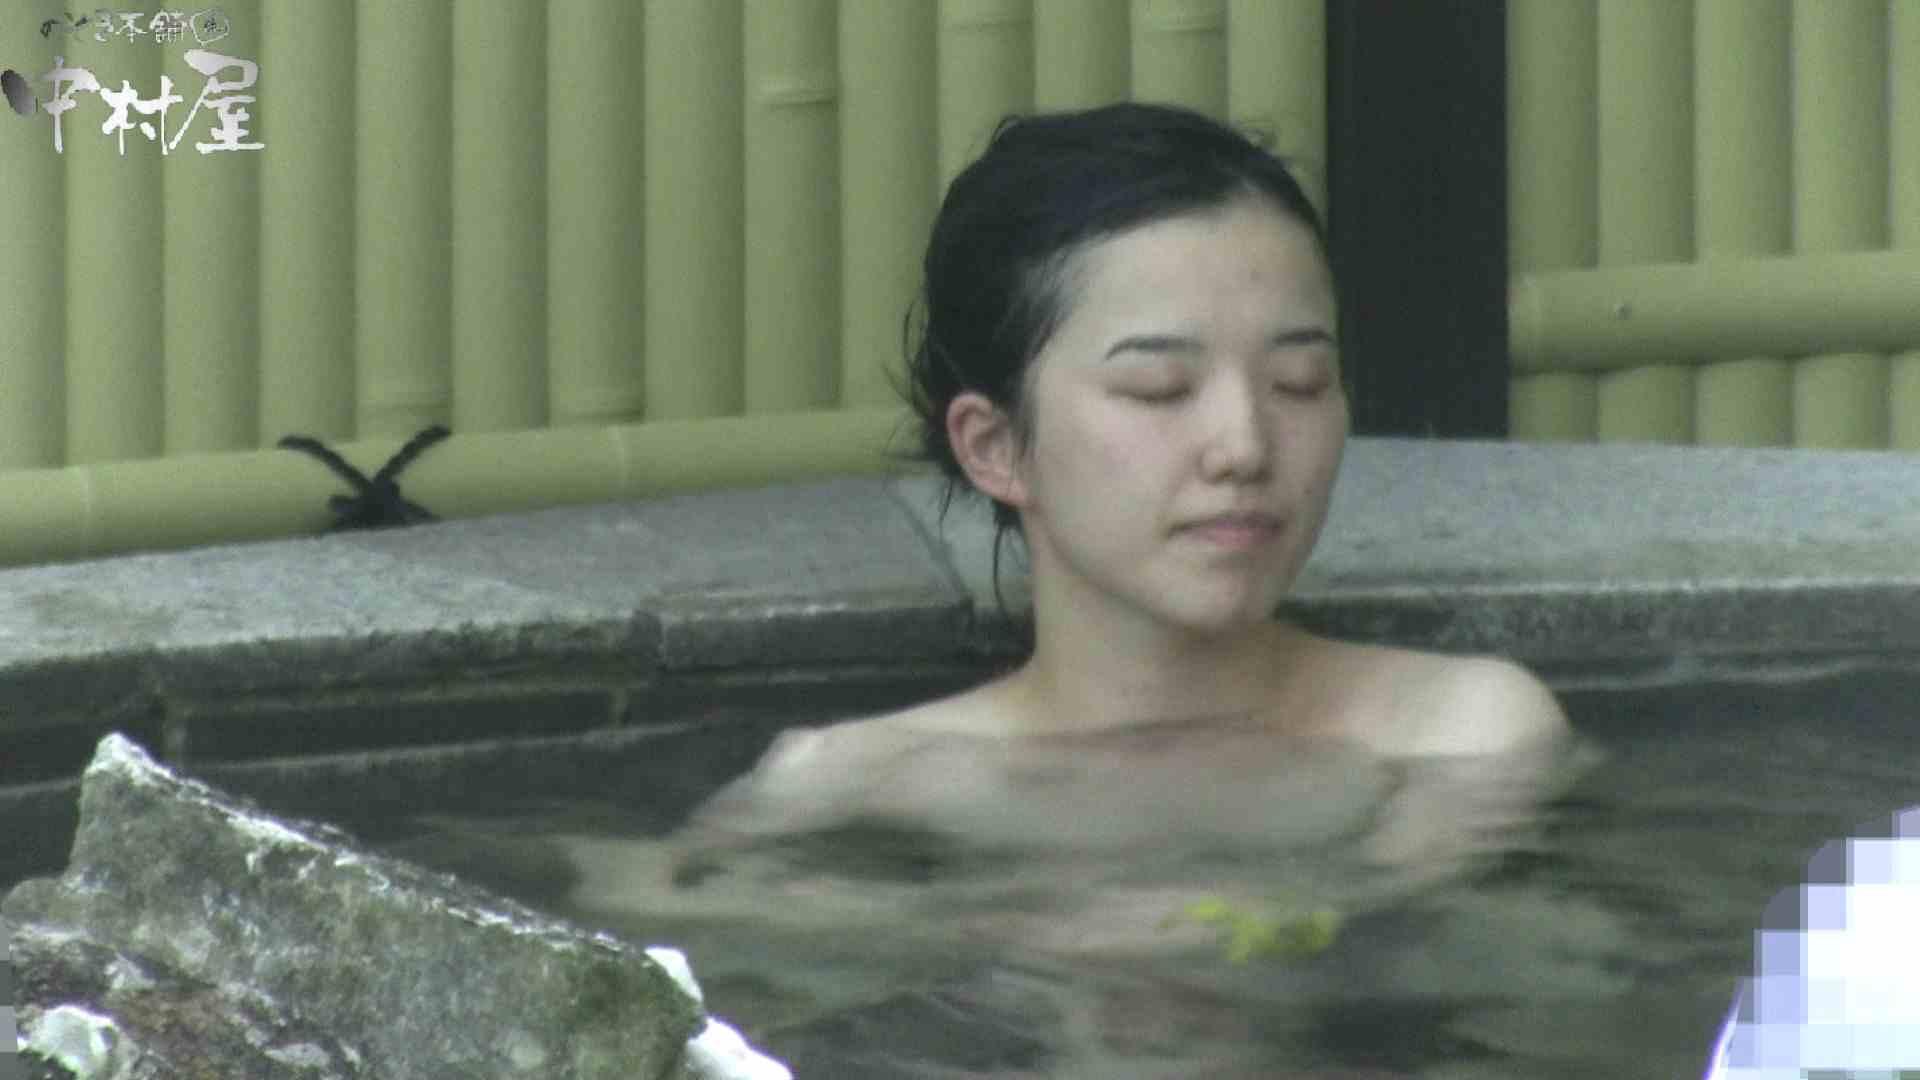 Aquaな露天風呂Vol.908 露天   盗撮  81pic 41